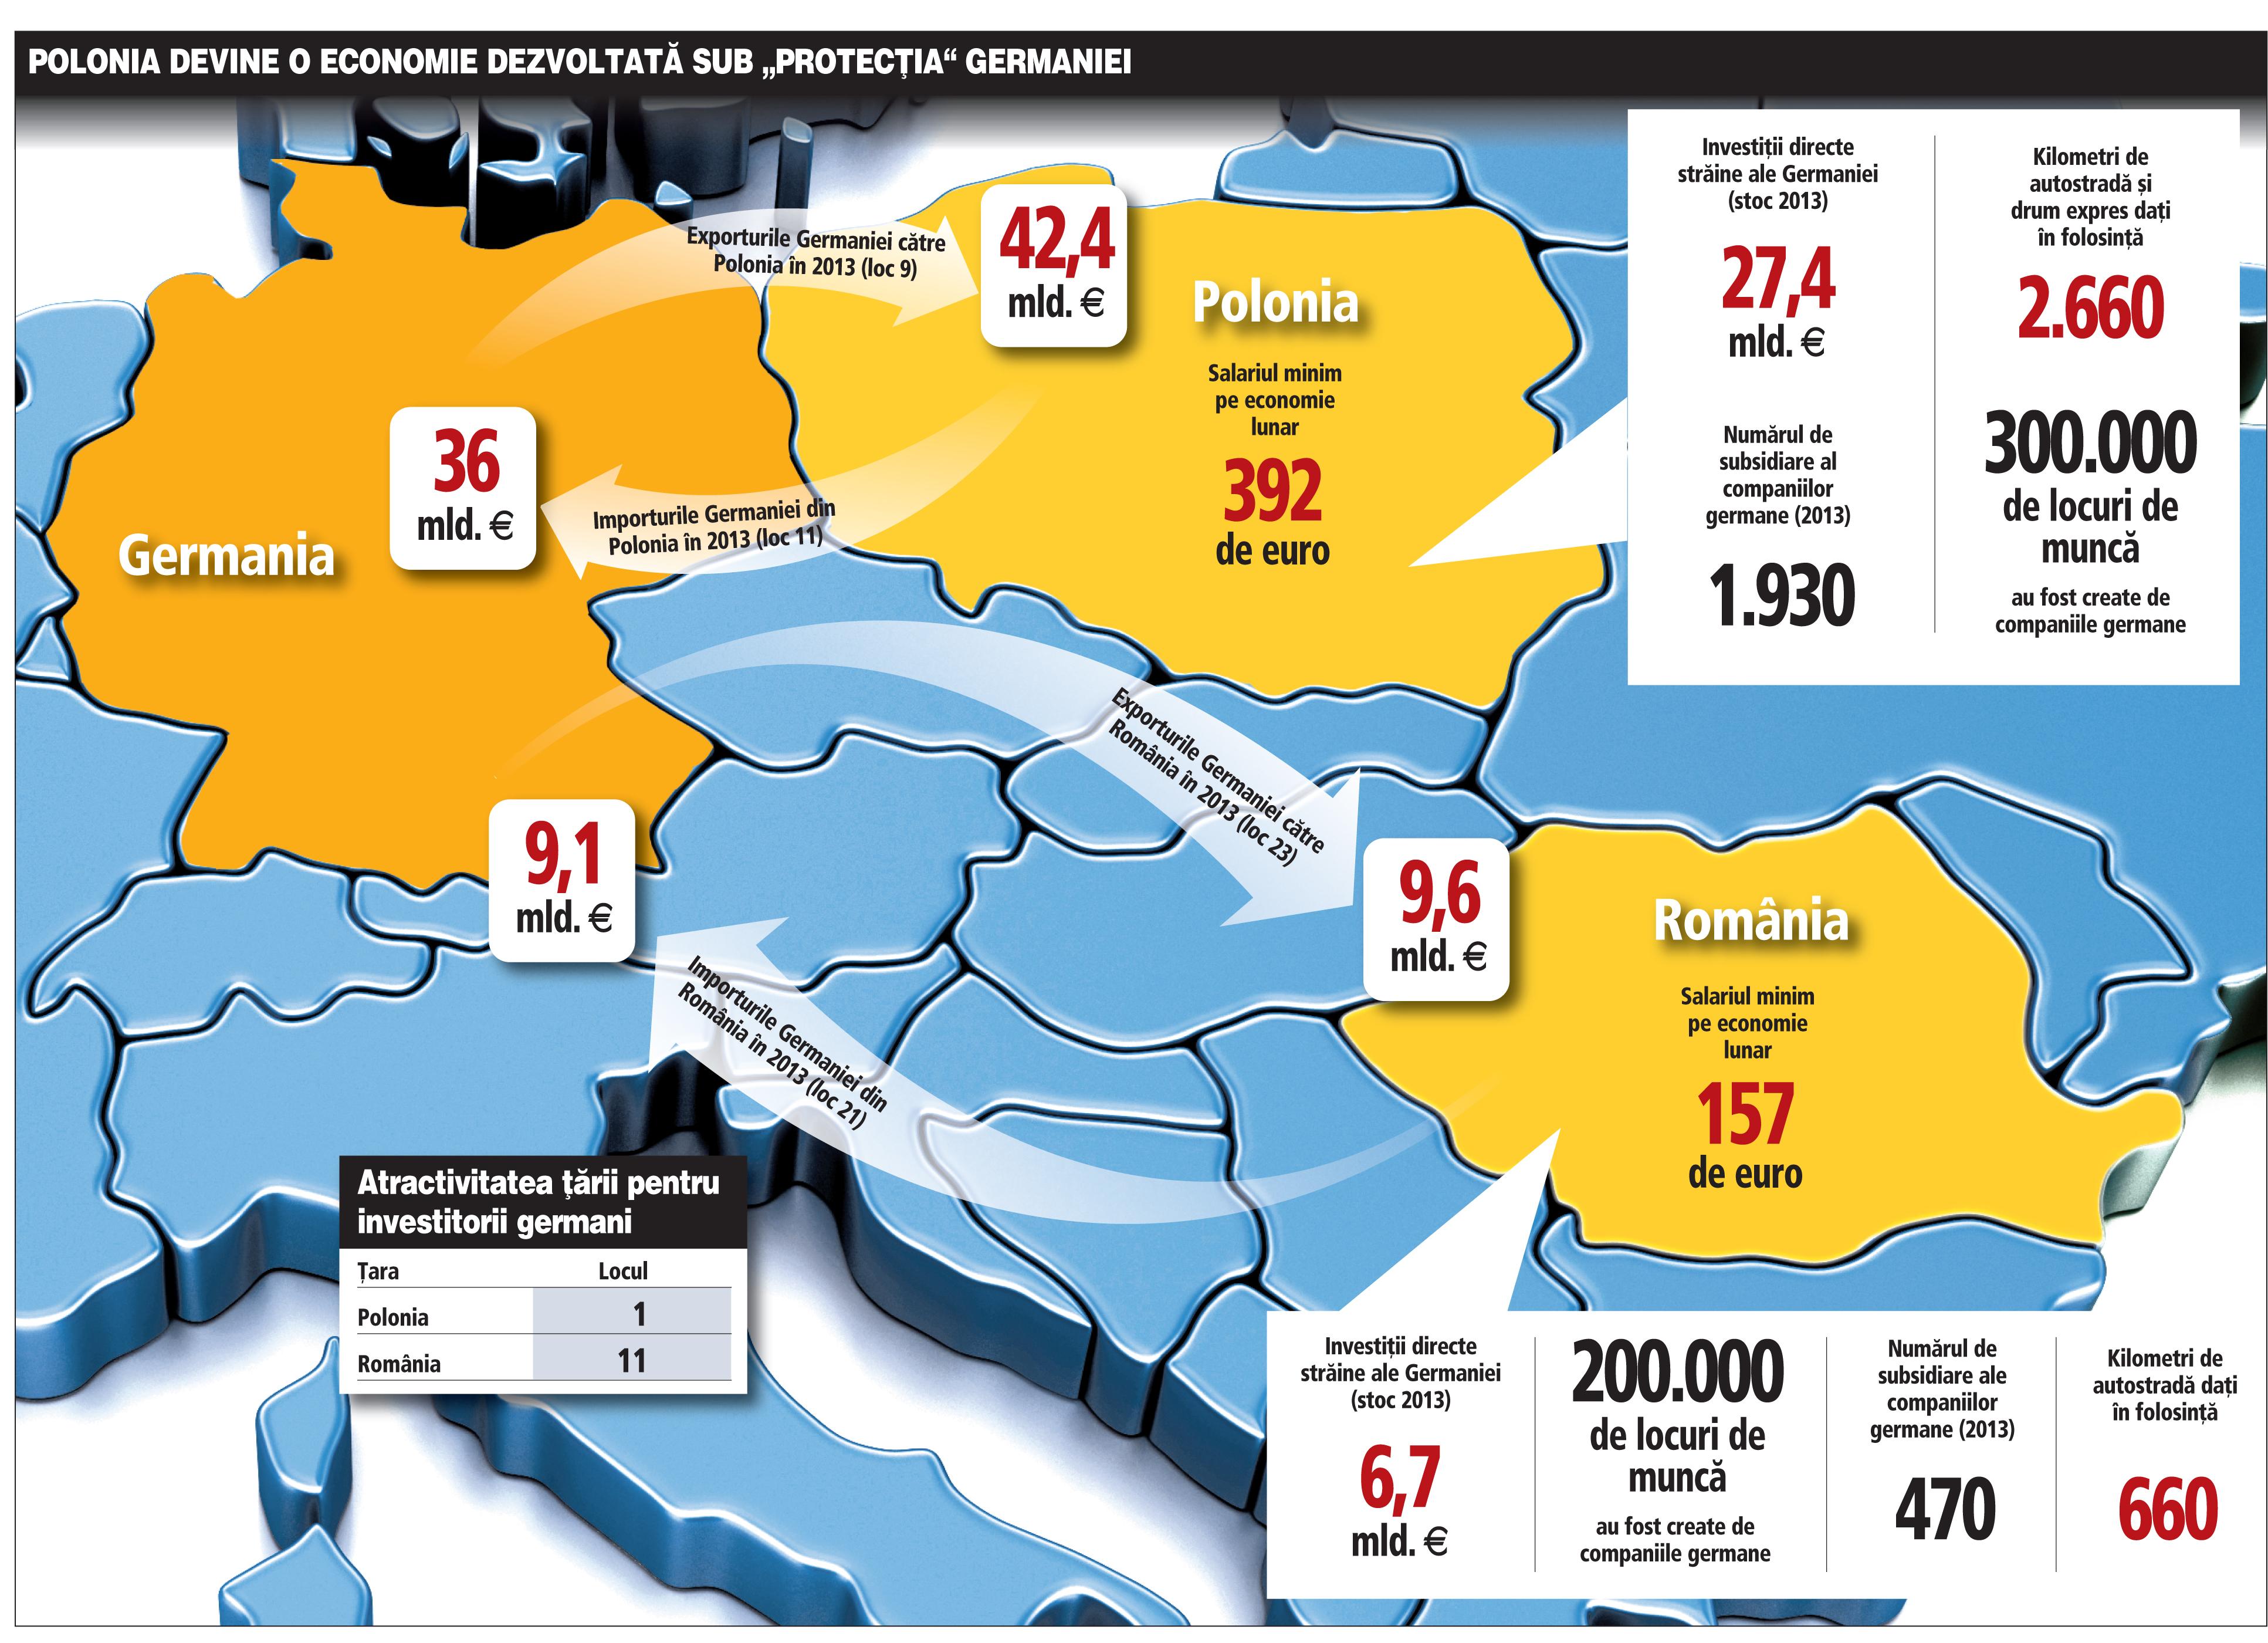 Poate deveni România o nouă Polonie cu ajutorul Germaniei? Nemţii au investit de 4 ori mai mult în Polonia, care are de 4 ori mai mulţi kilometri de autostradă şi drum expres